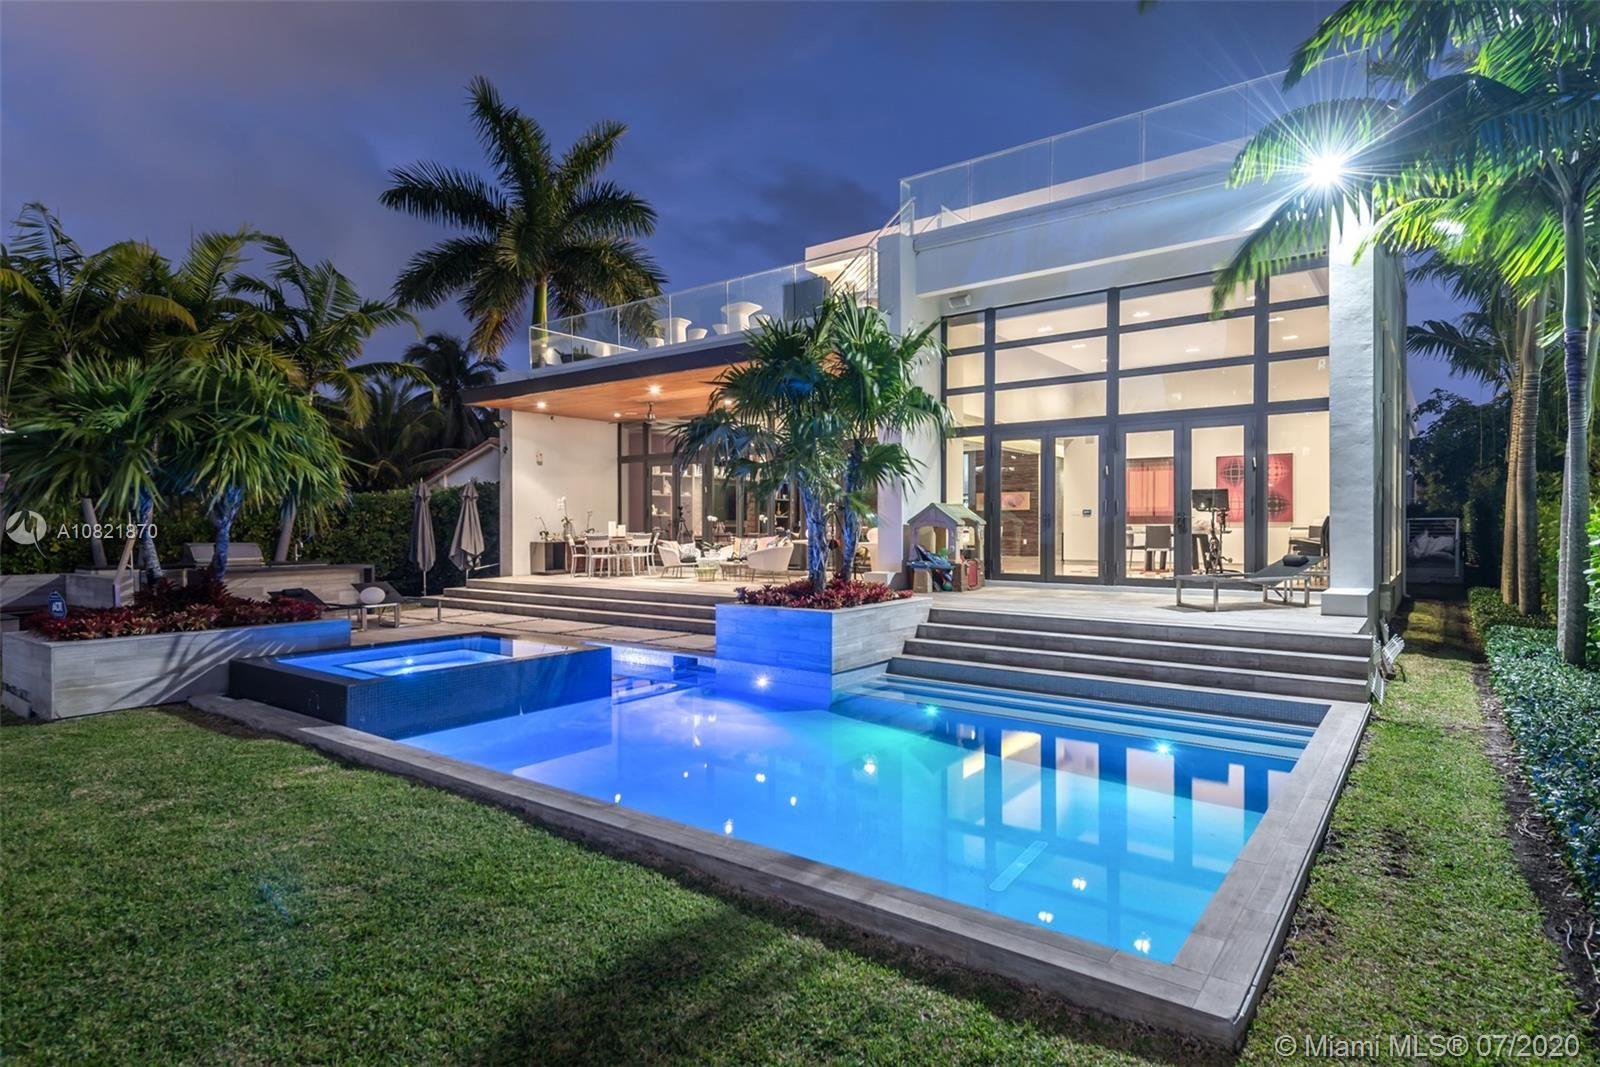 Photo of 364 Golden Beach Dr, Golden Beach, FL 33160 (MLS # A10821870)